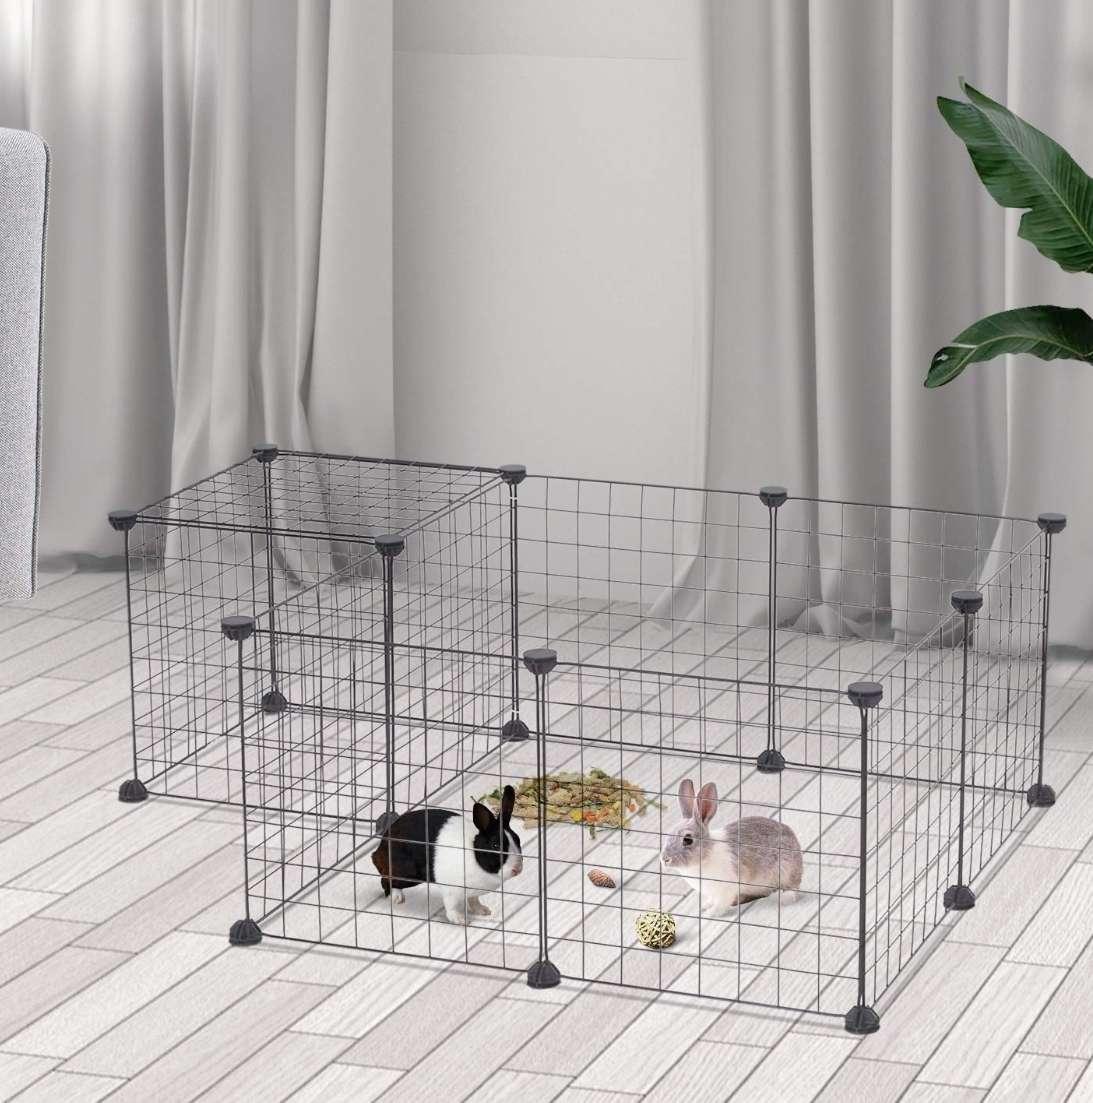 Imagen producto Parque De Juegos Para Mascotas, Corral De Mascota 2